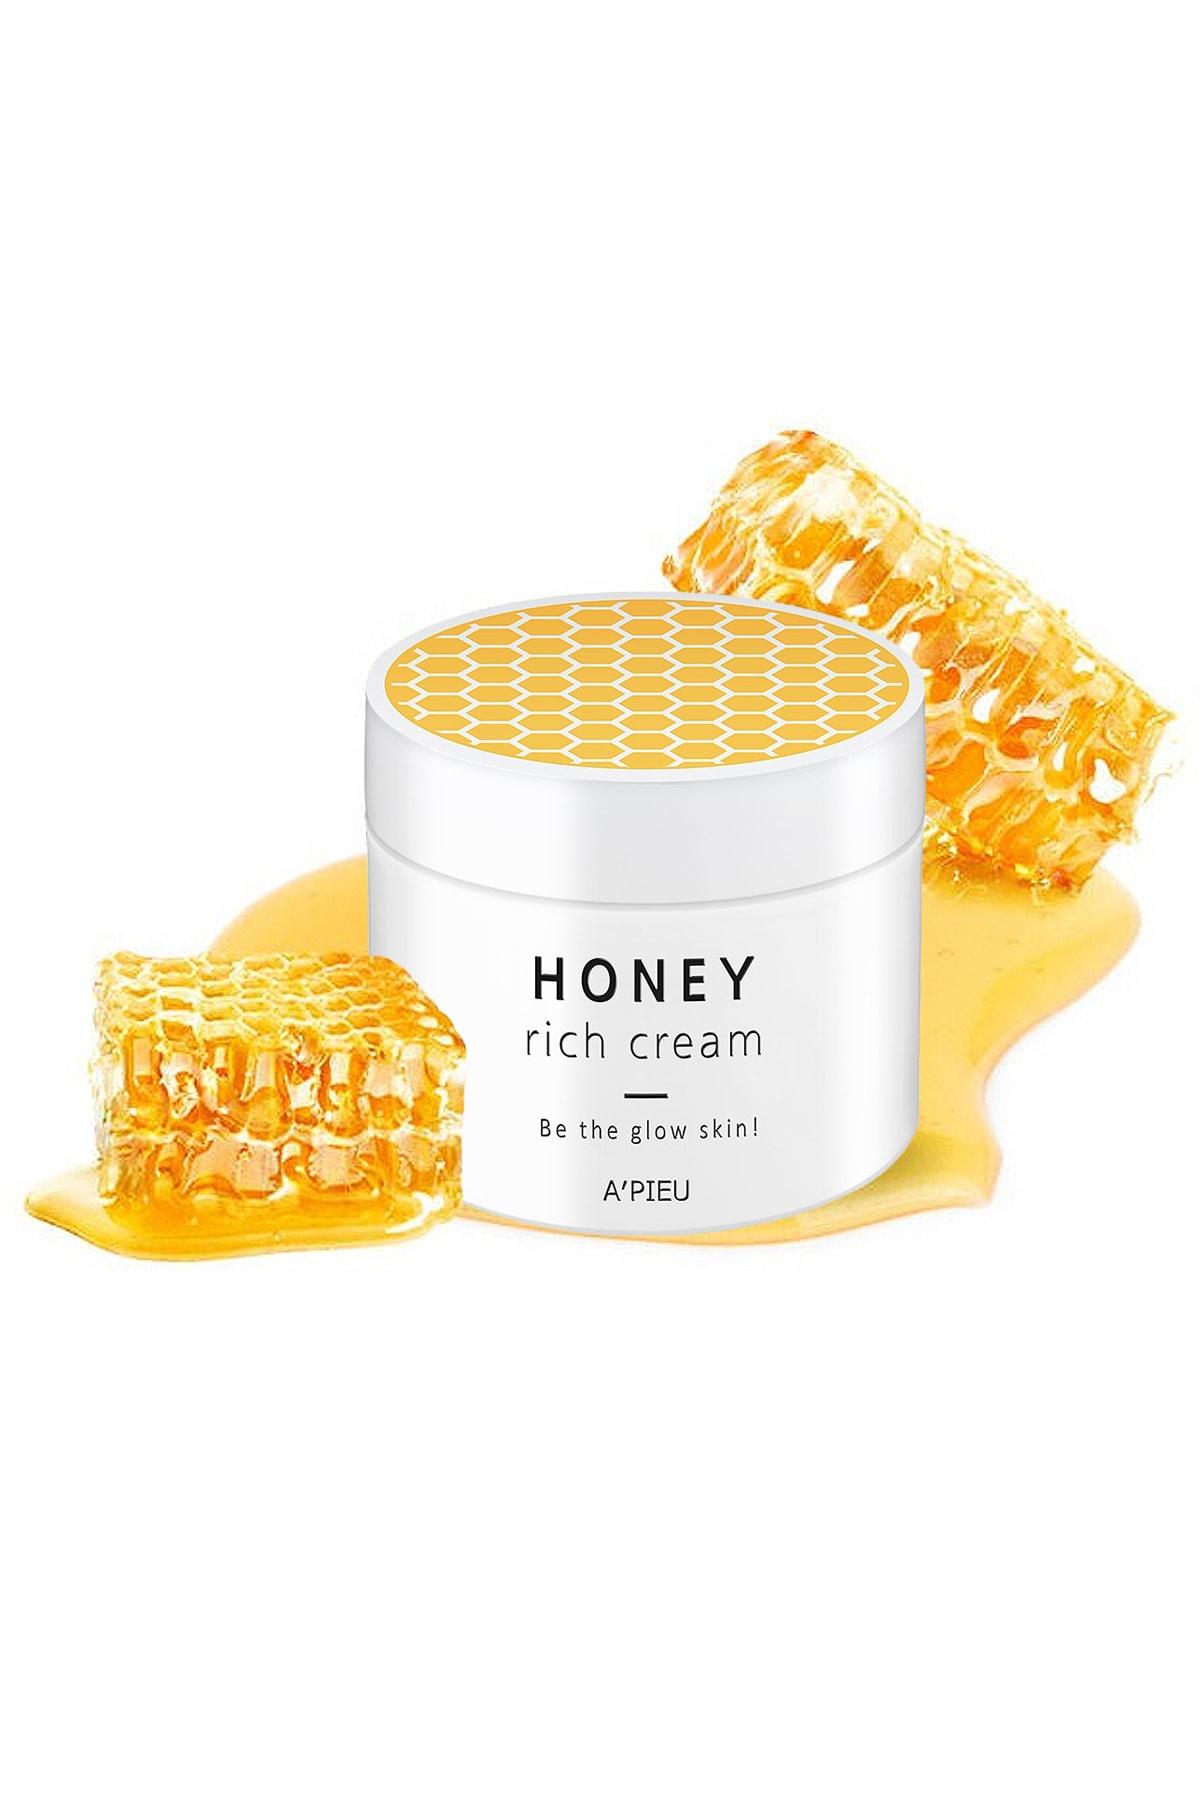 Missha Manuka Balı Yoğun Nemlendirici Besleyici Bakım Kremi 110ml APIEU Honey Rich Cream